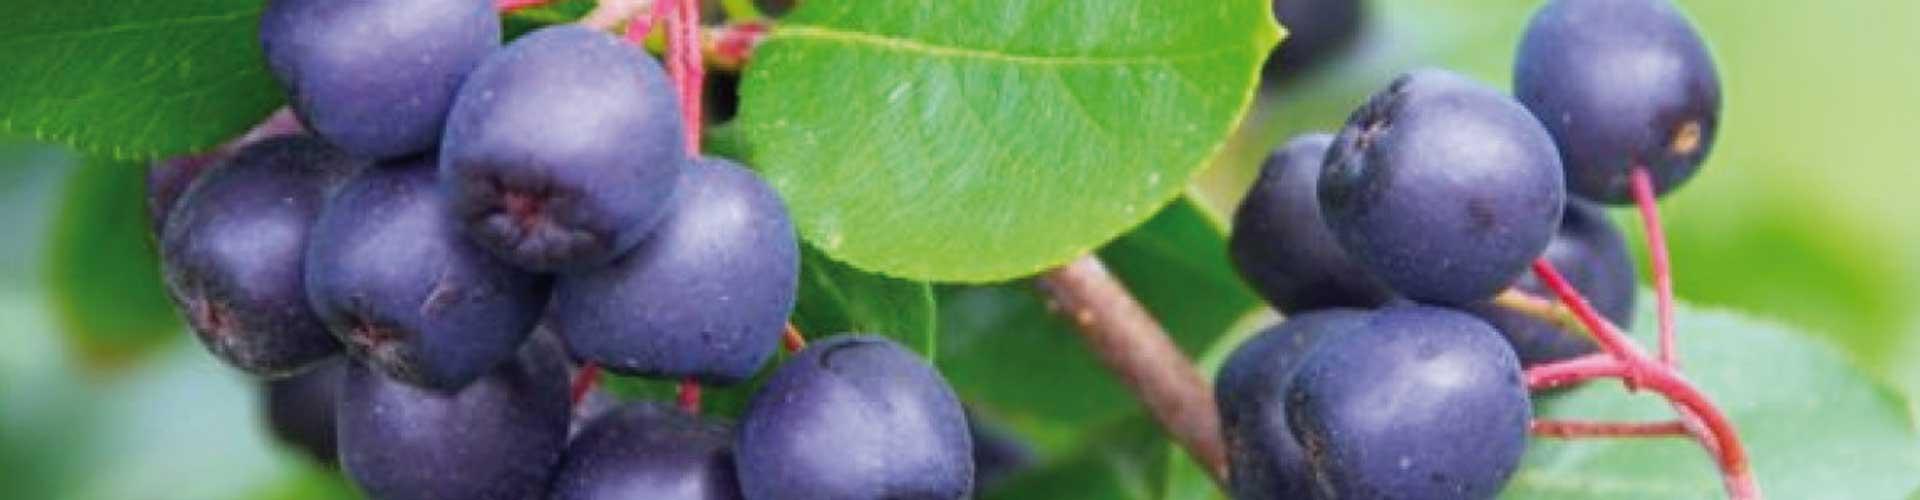 <strong>Mest antioxidanter i aronia</strong>